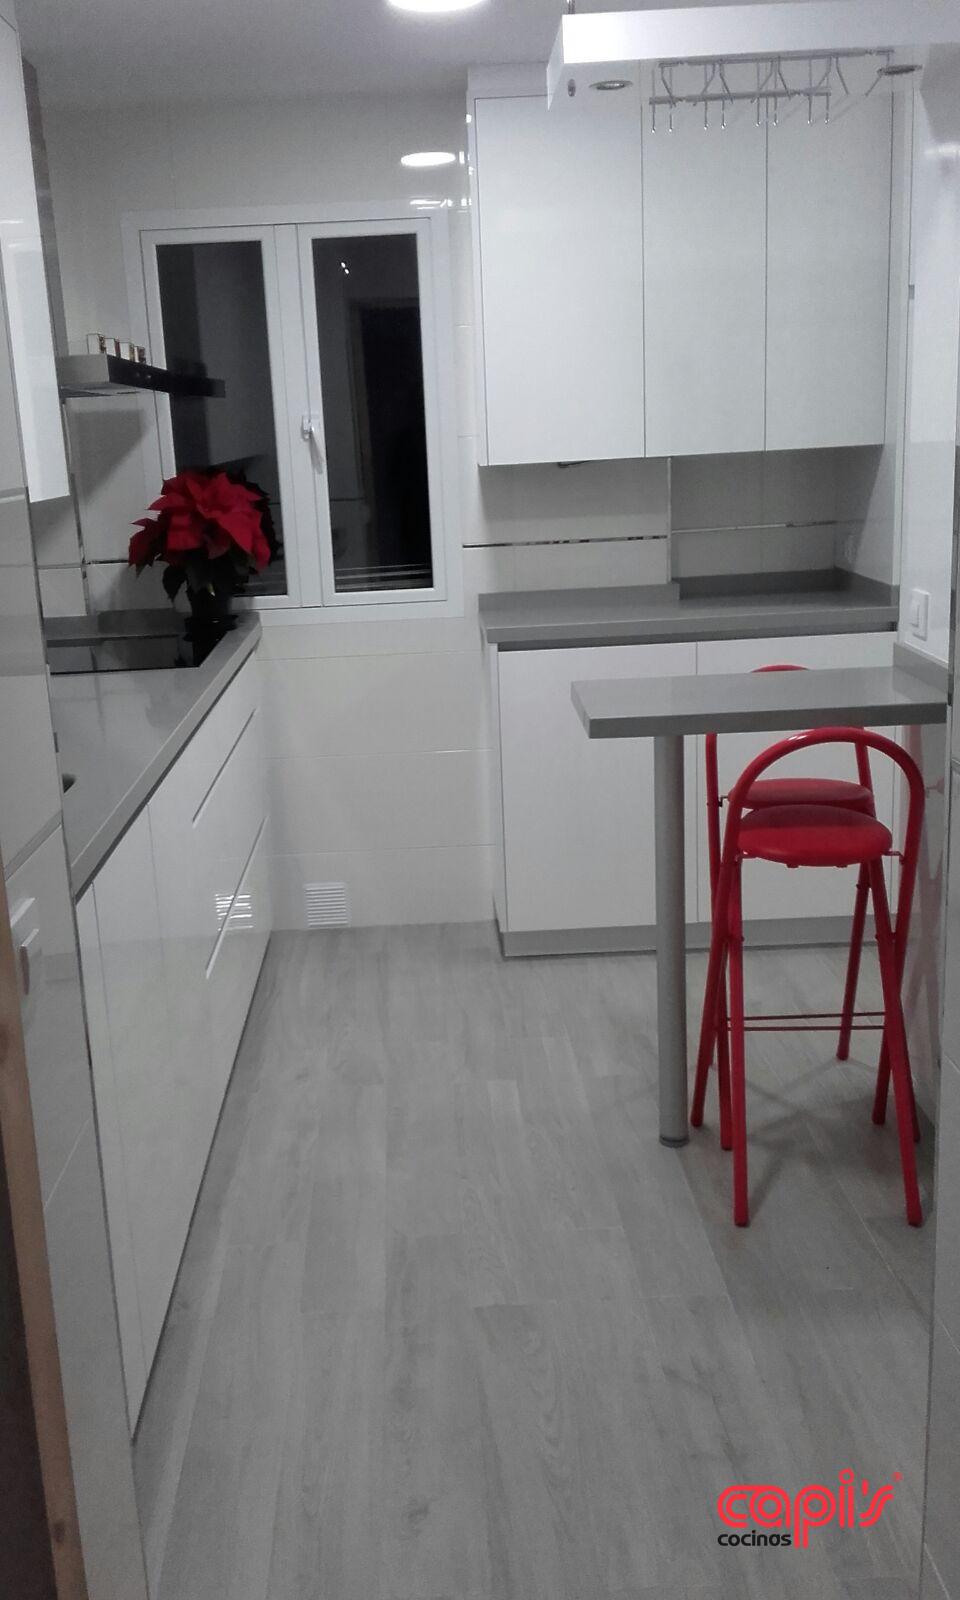 Cocina tonos blanco y gris - Cocinas Capis, diseño y fabricación de ...